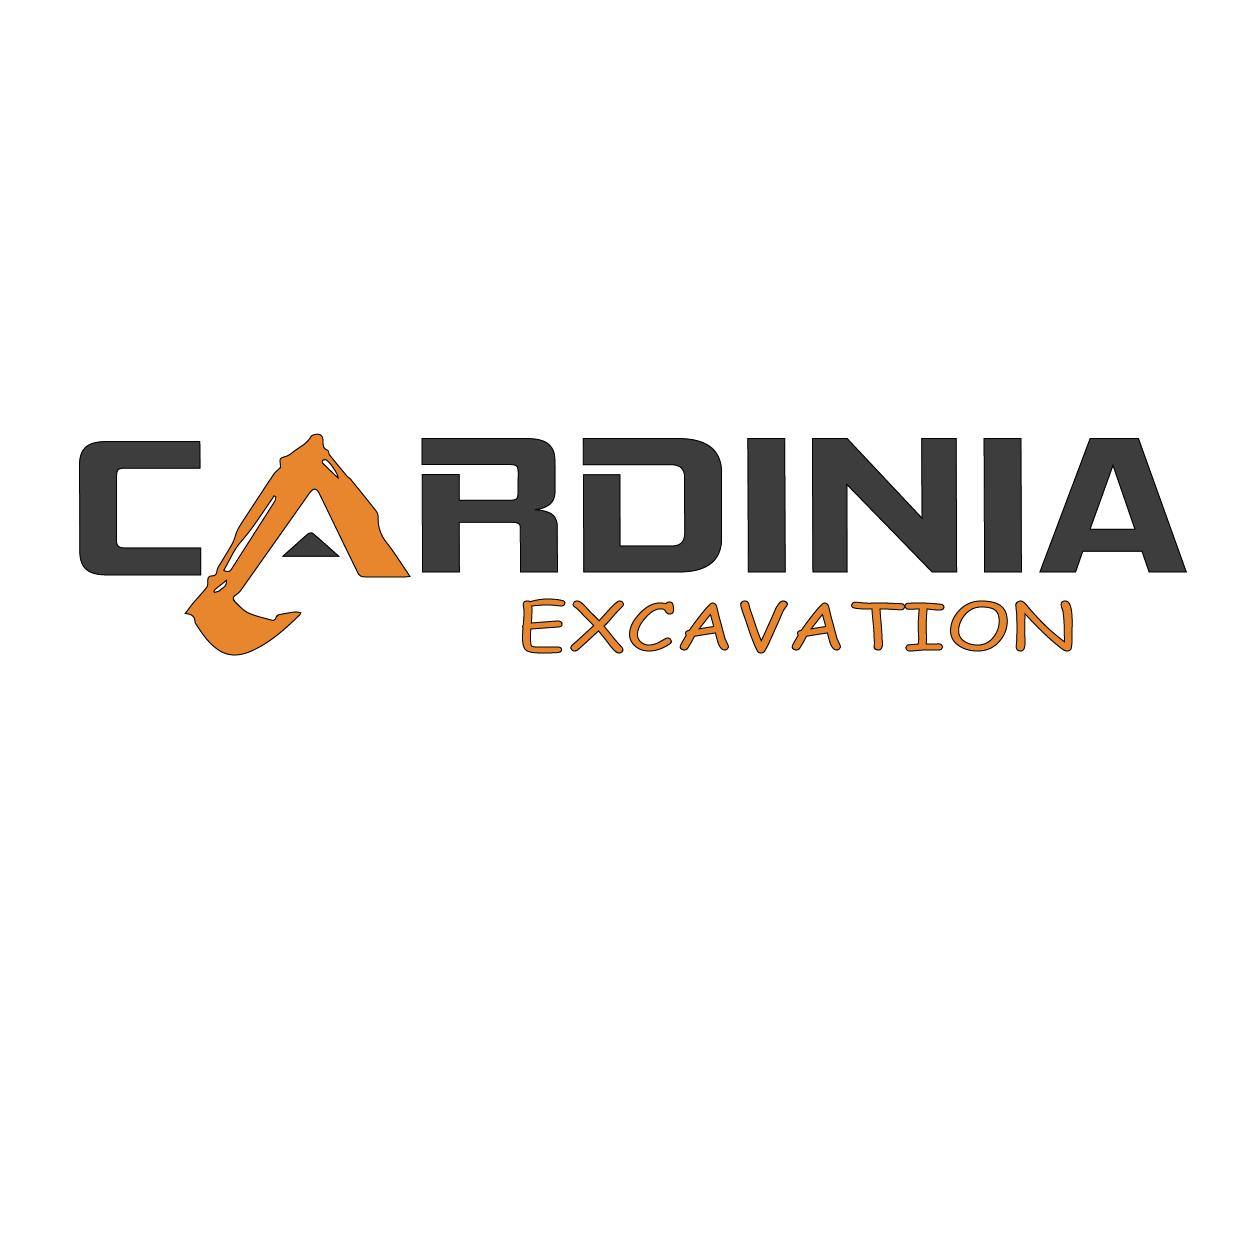 Cardinia Excavation